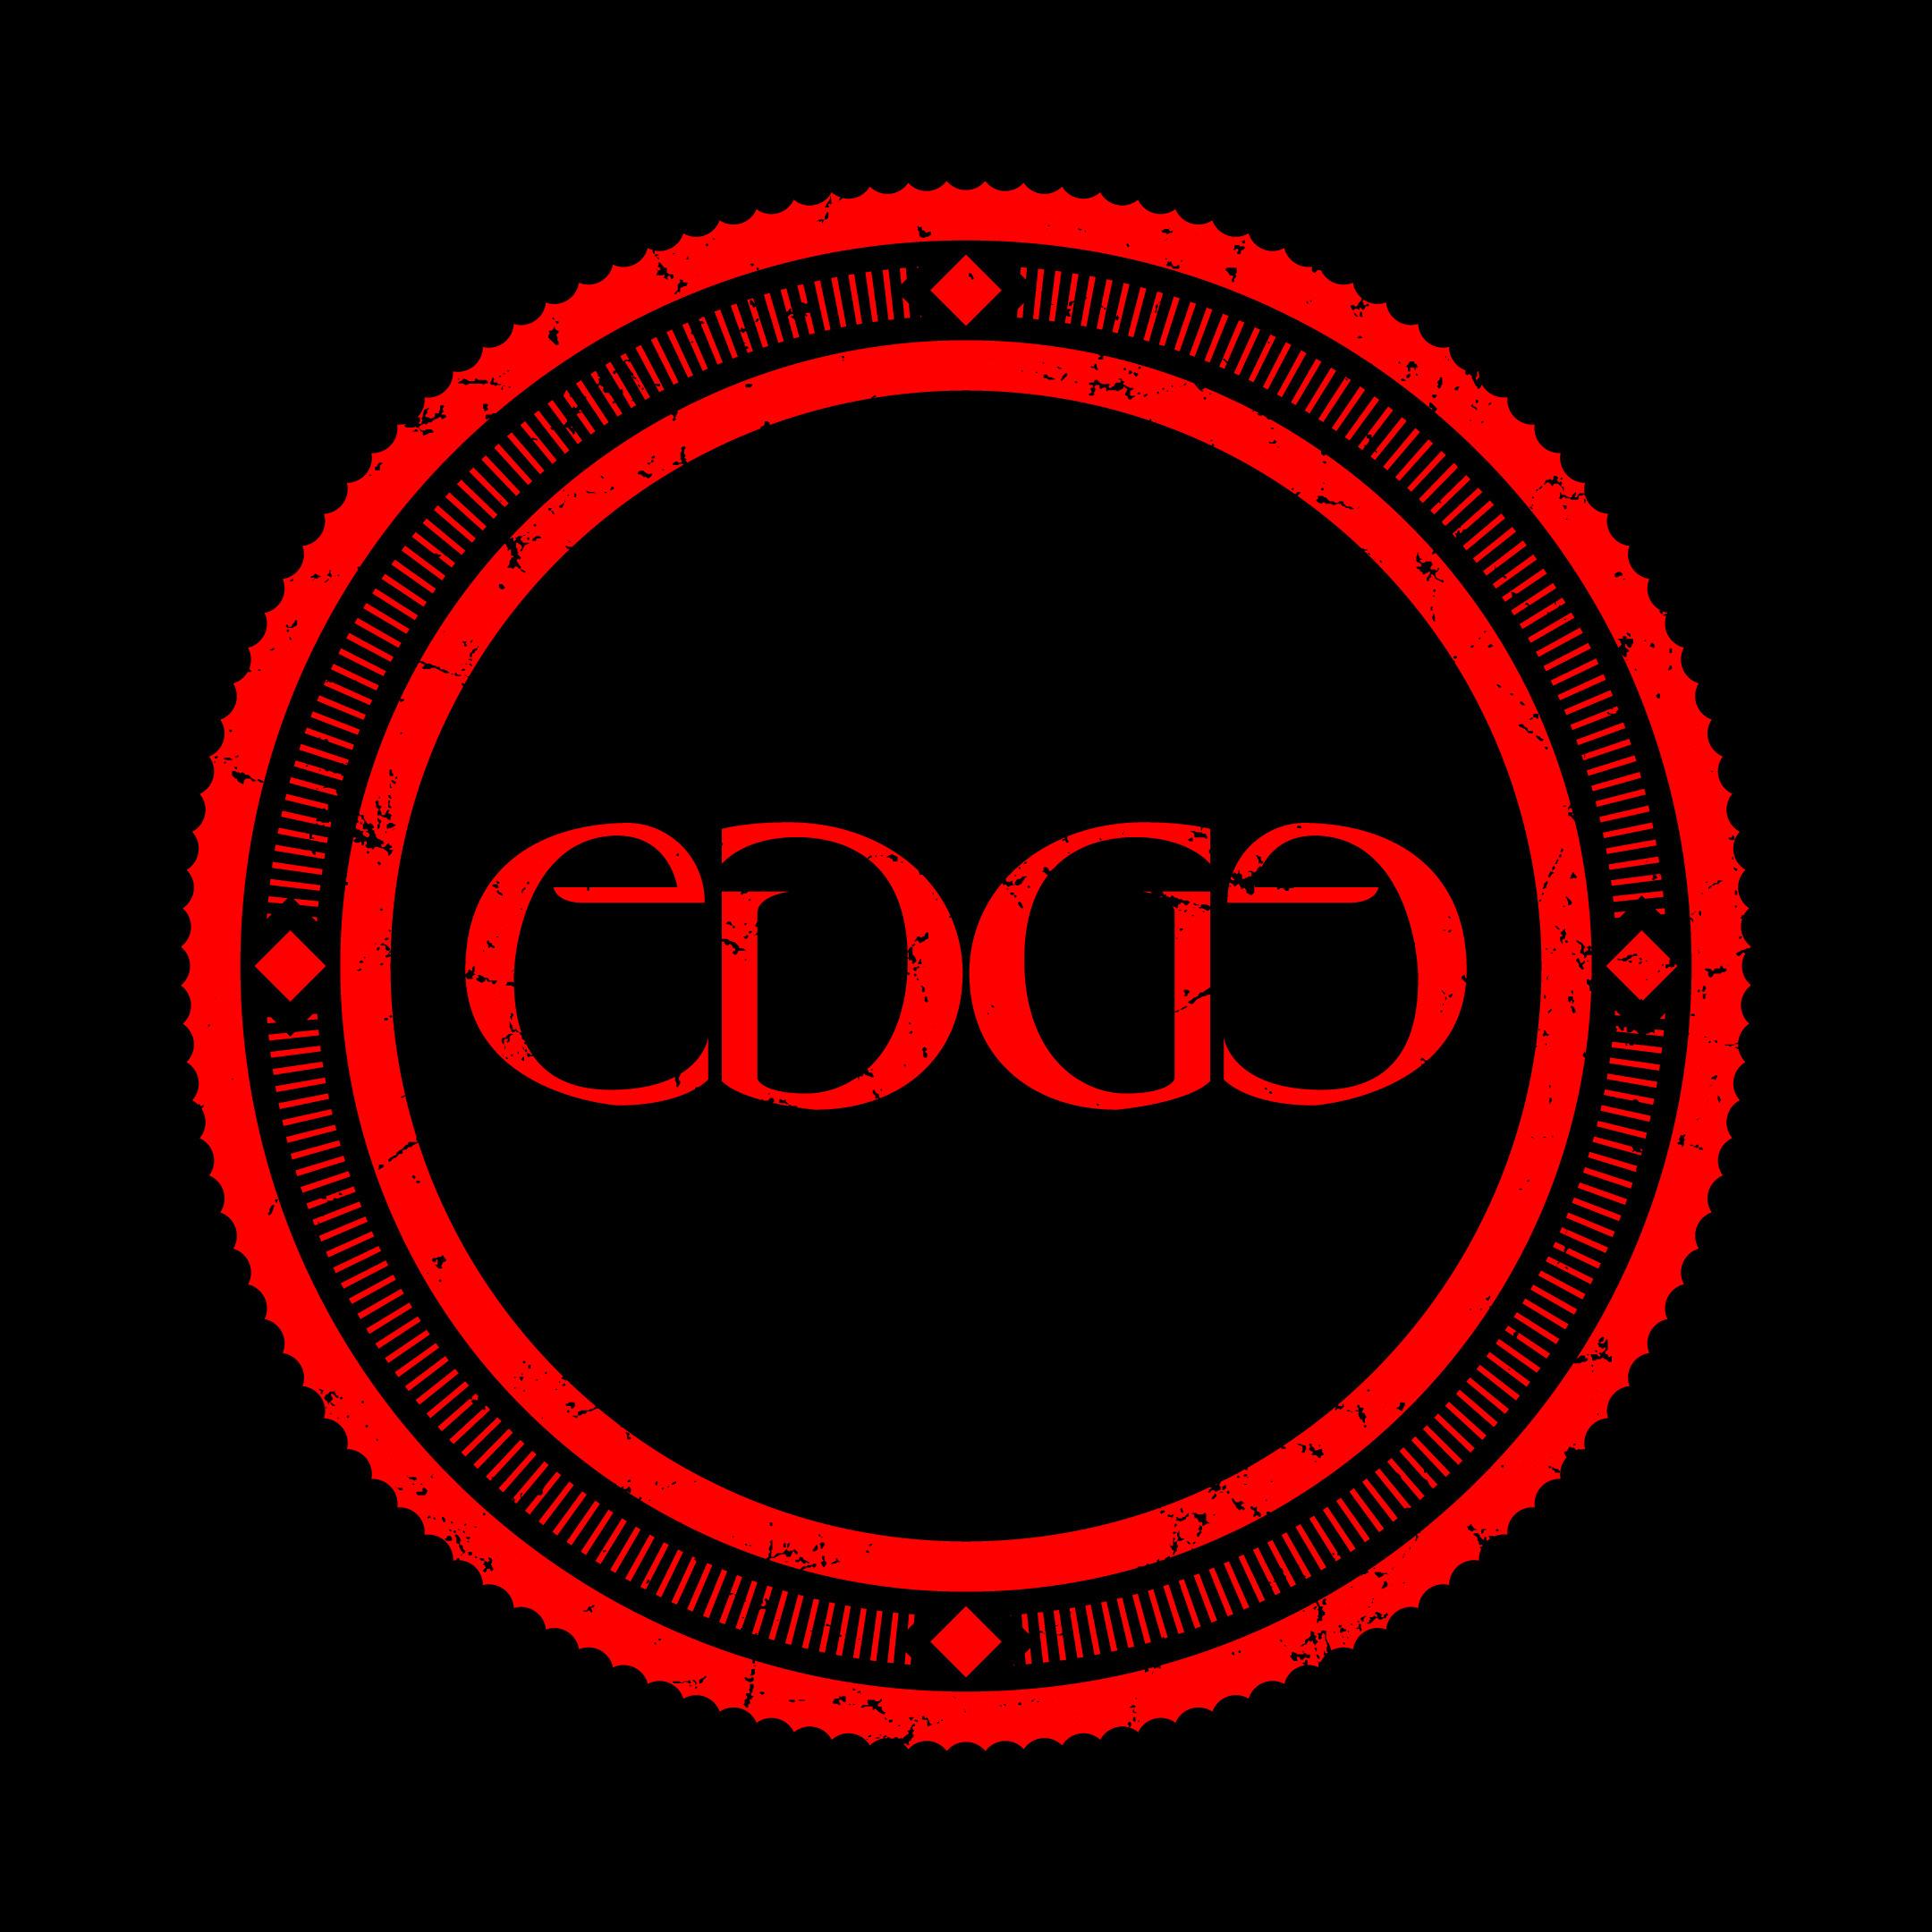 EDGE Design Studio, LLC